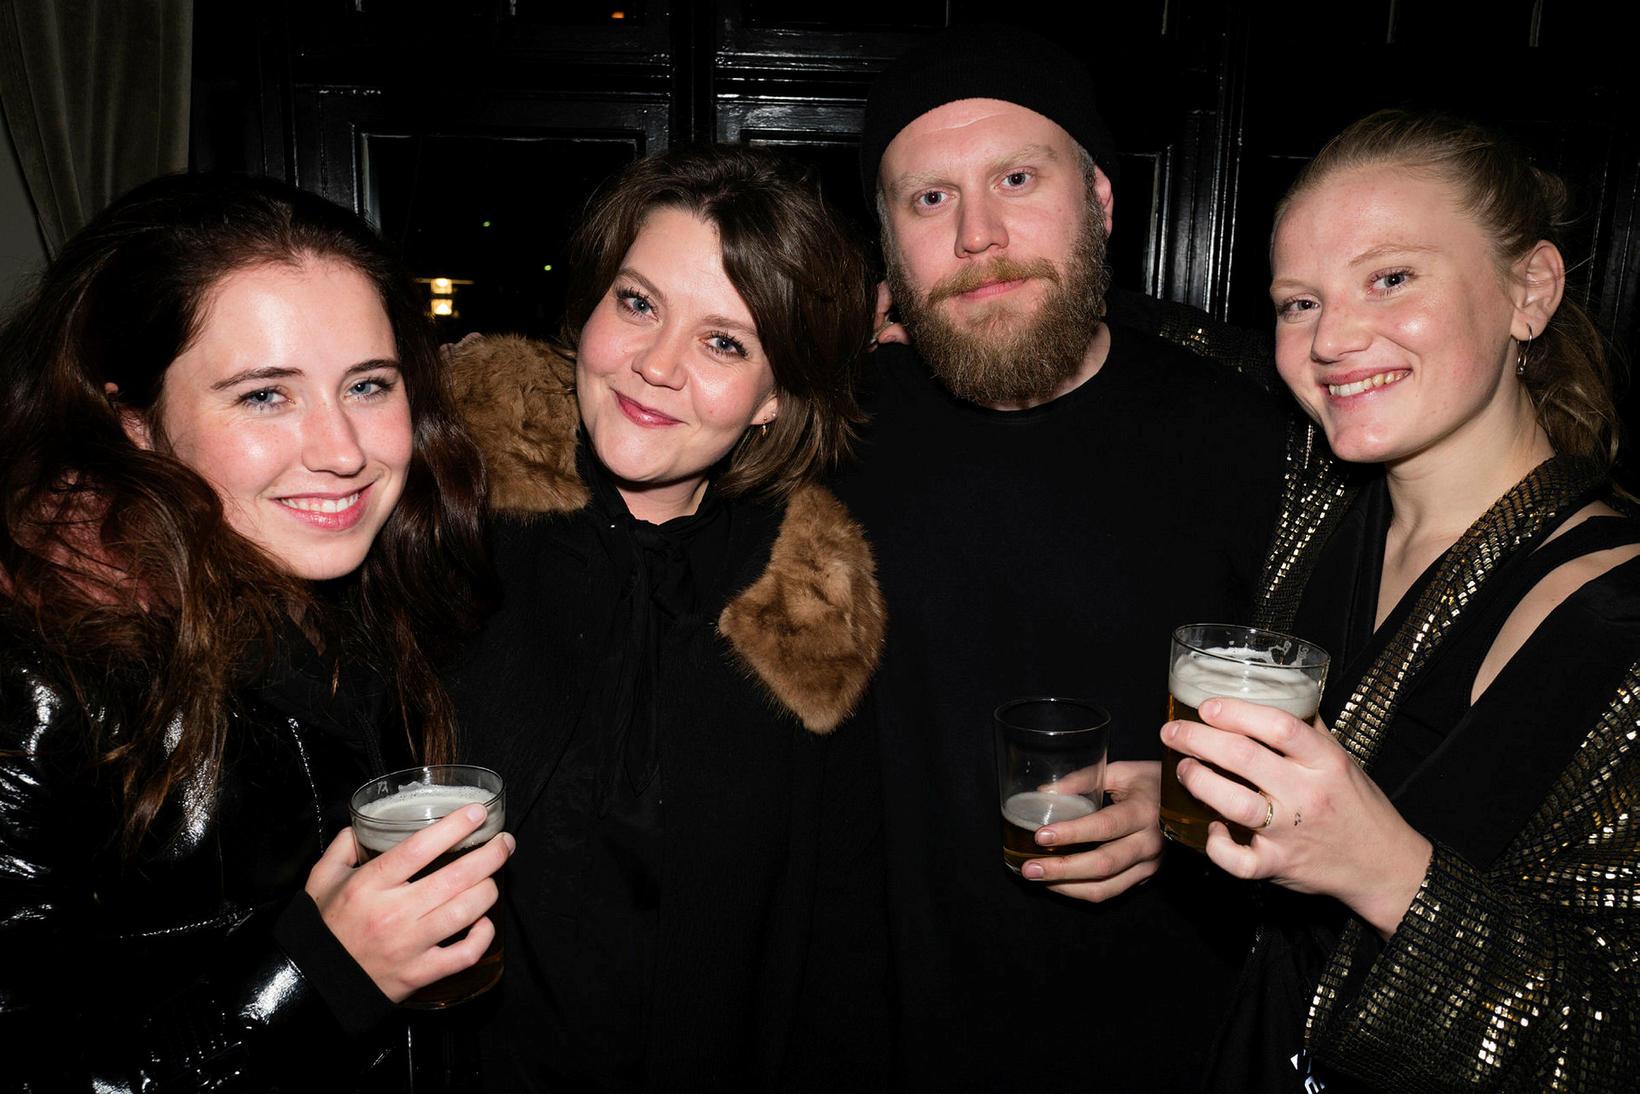 Rakel Tómasdóttir, Sigríður Thorlacius, Ásgeir Guðmundsson og Glódís Guðgeirsdóttir.